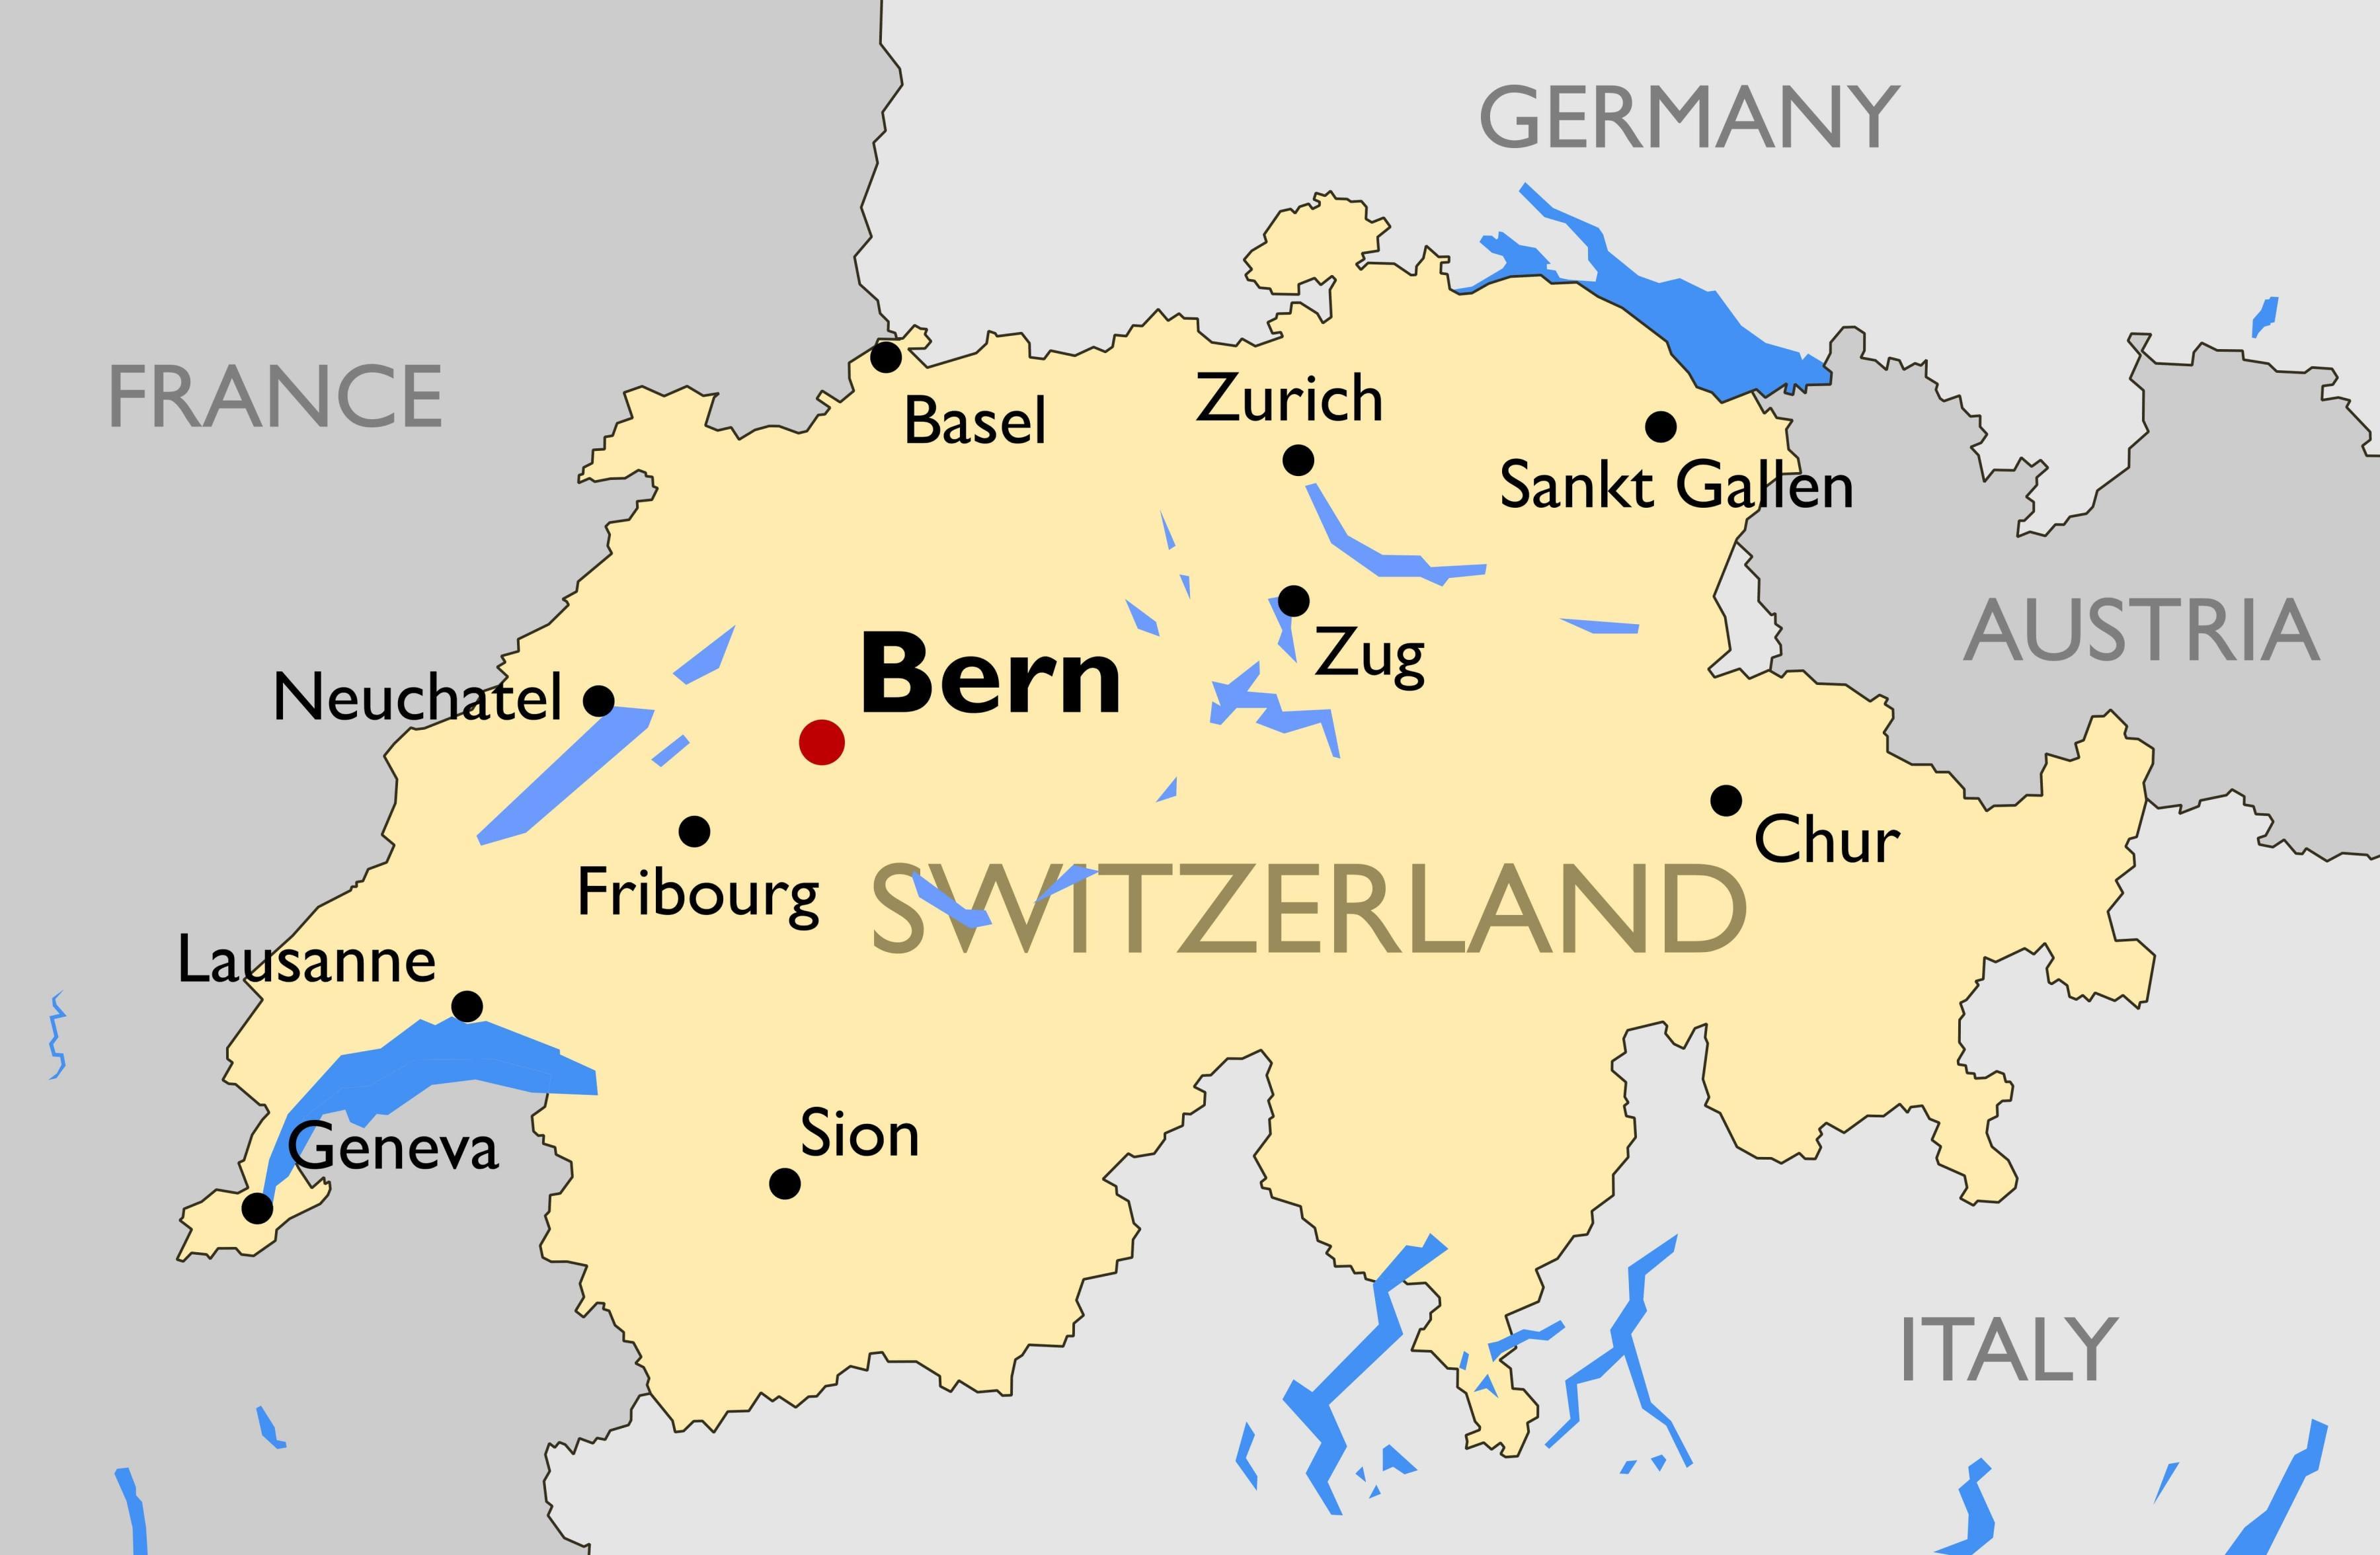 Turist Kort Over Schweiz Byer Kort Af Turist Kort Over Schweiz